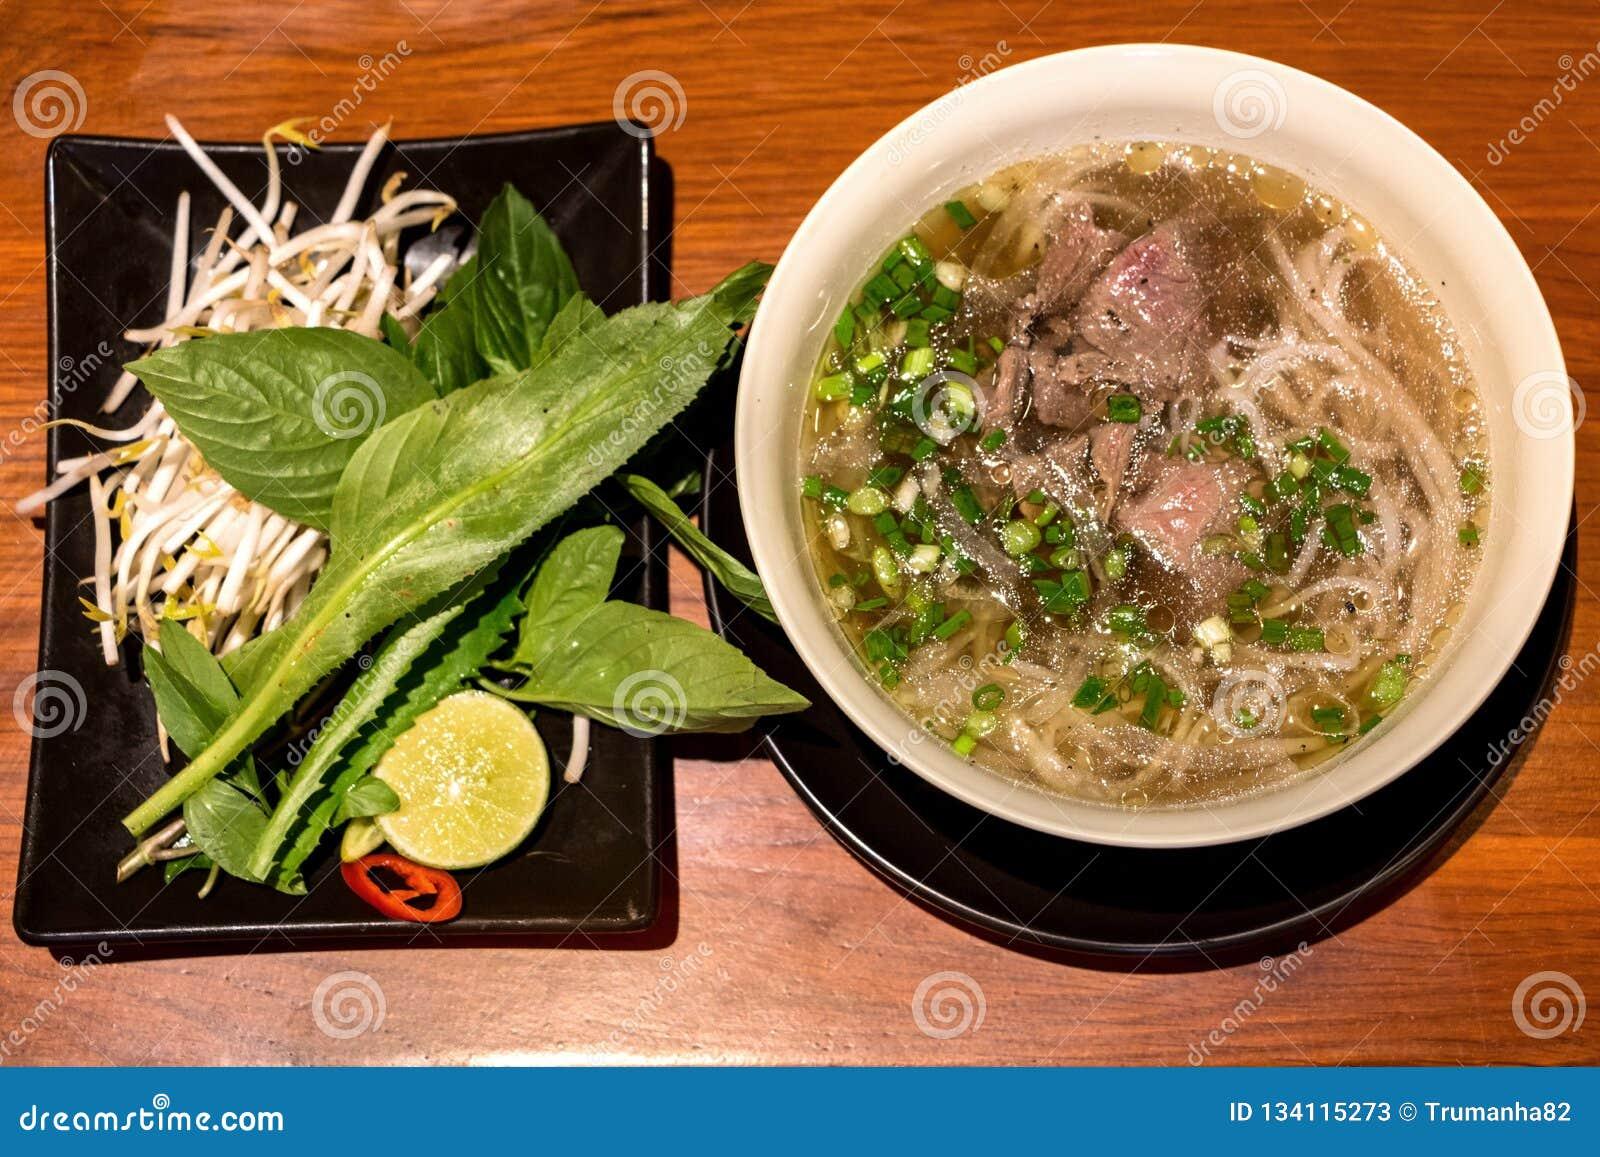 Pho, eine populäre vietnamesische Rindfleisch-Nudelsuppe